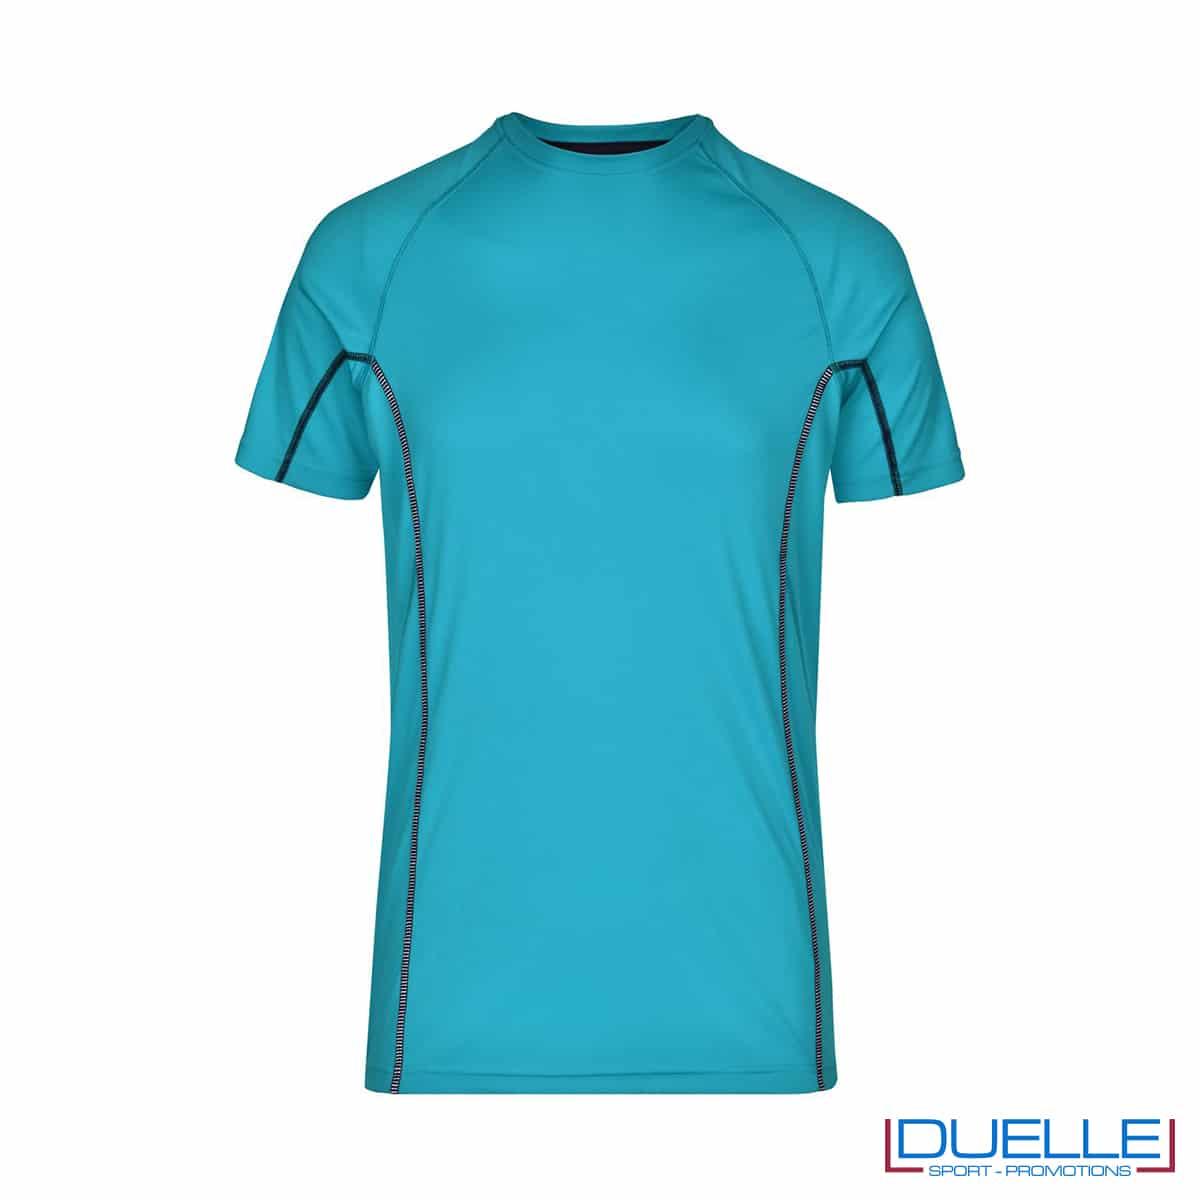 Maglia running Coolmax uomo colore azzurro personalizzata